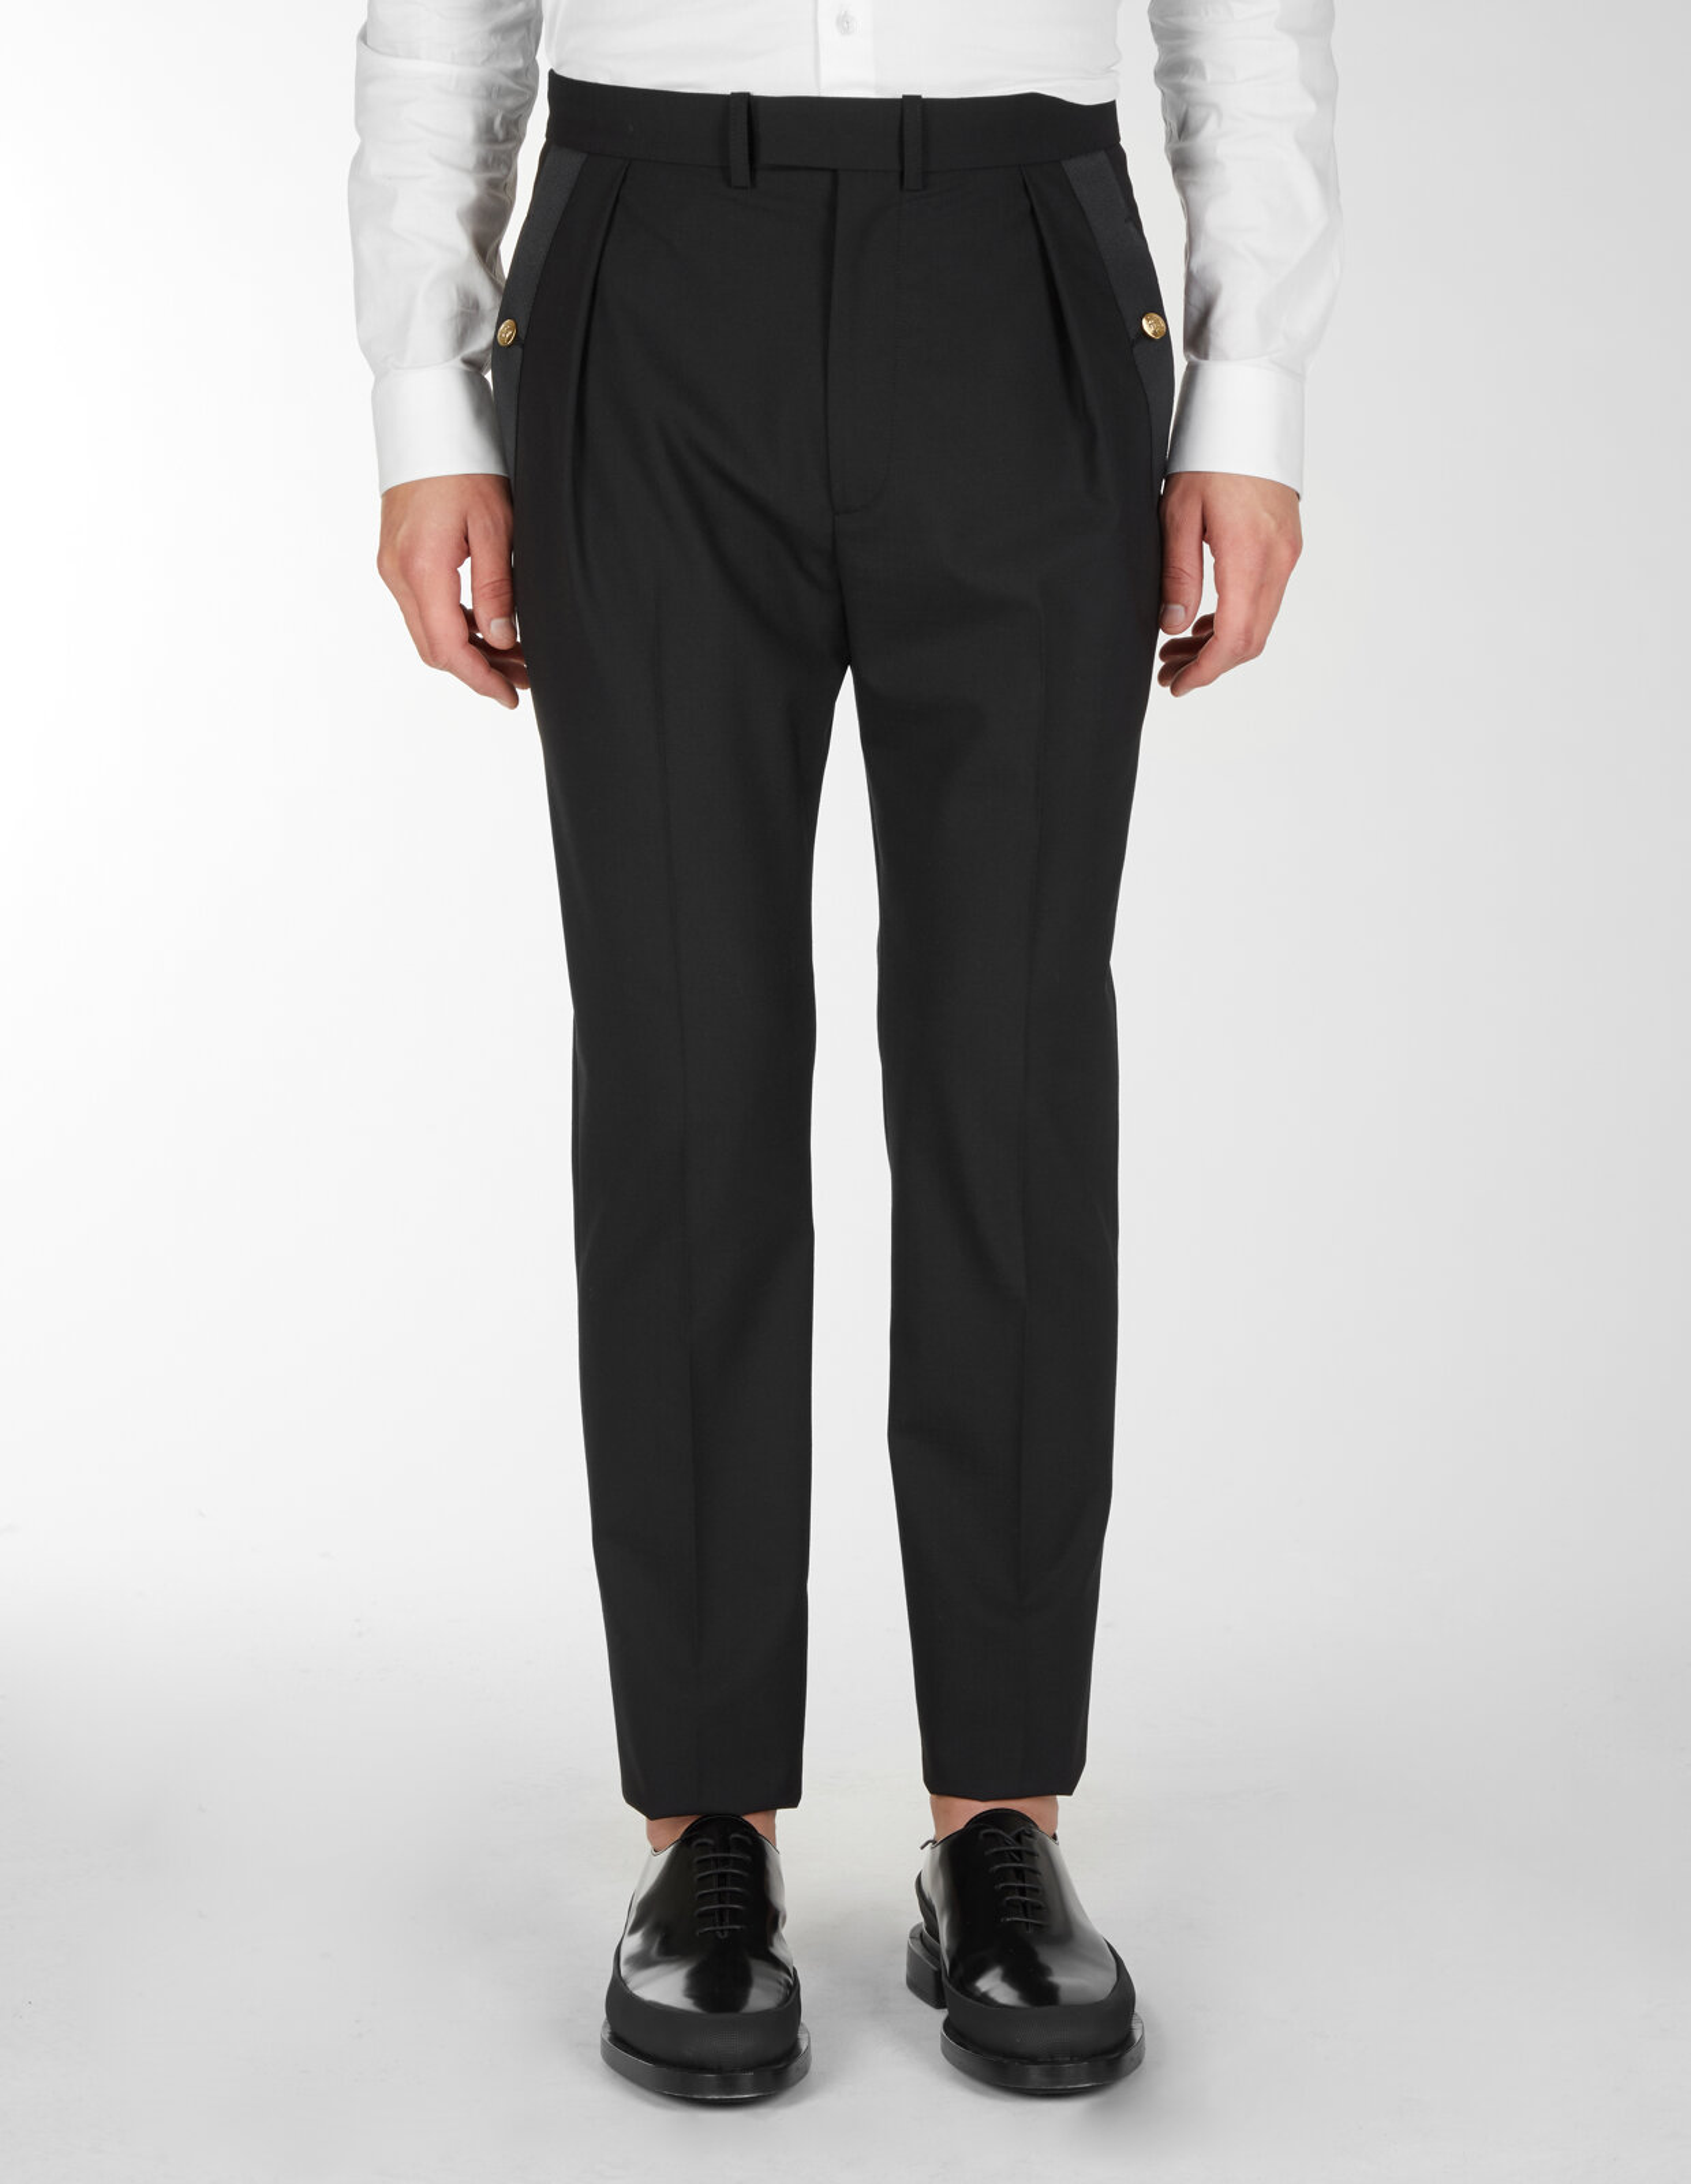 Pantaloni Classici Con Dettaglio Sulla Tasca - Les Hommes